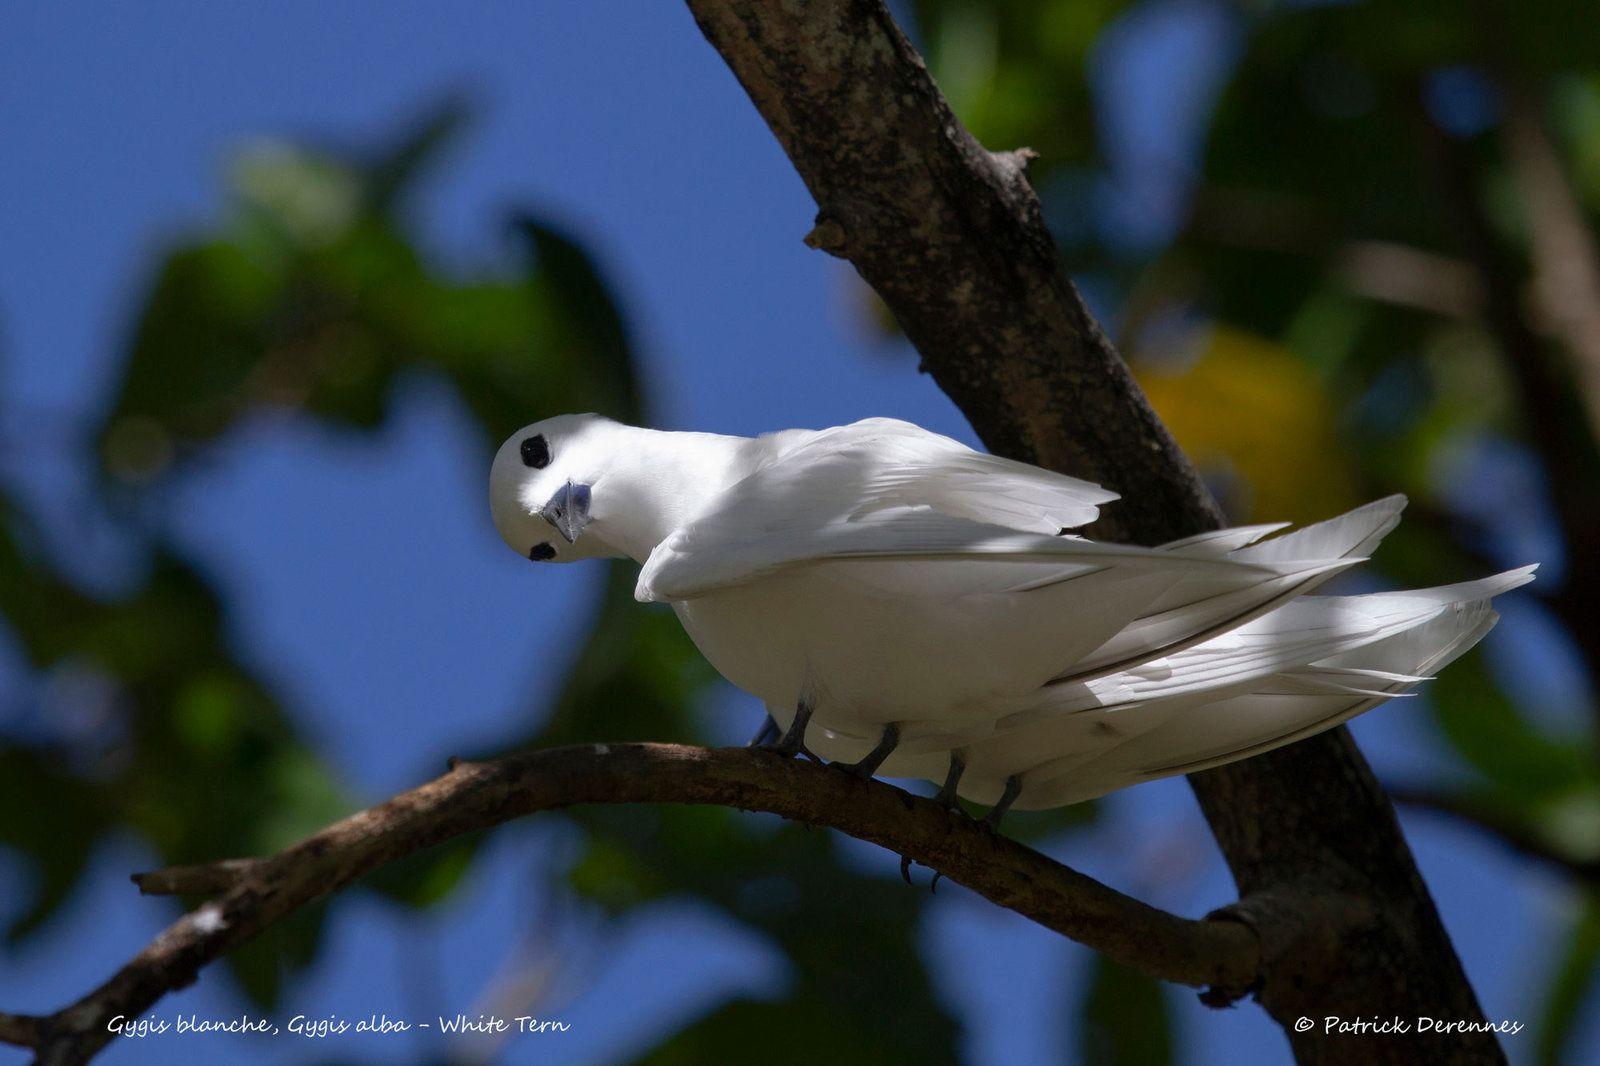 Gygis blanche, Gygis alba - White Tern